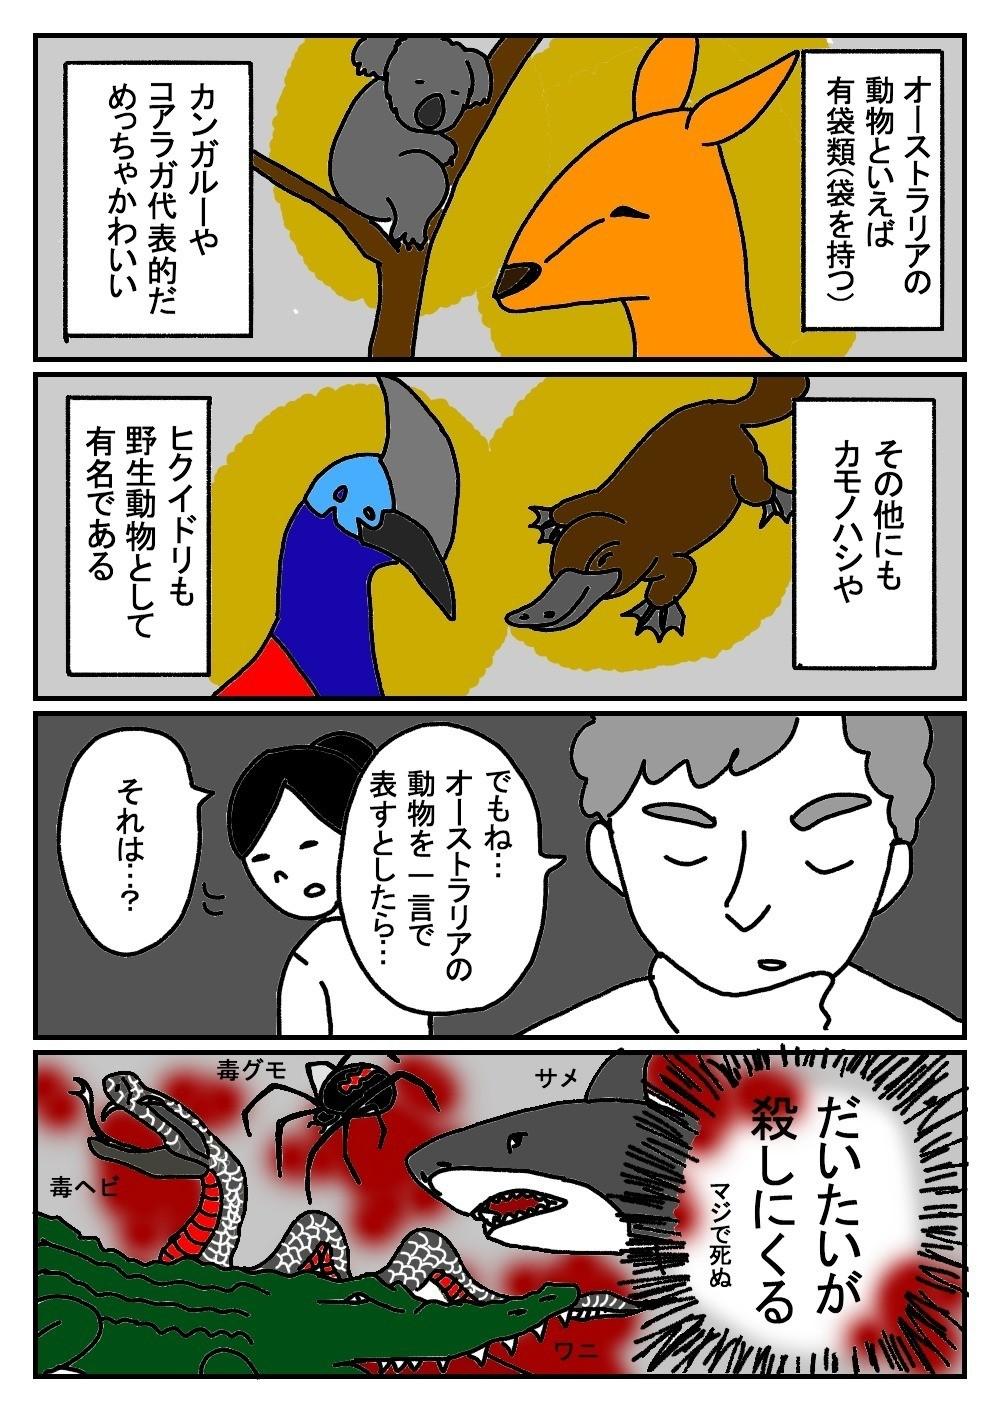 日本って平和(動物的な意味で)